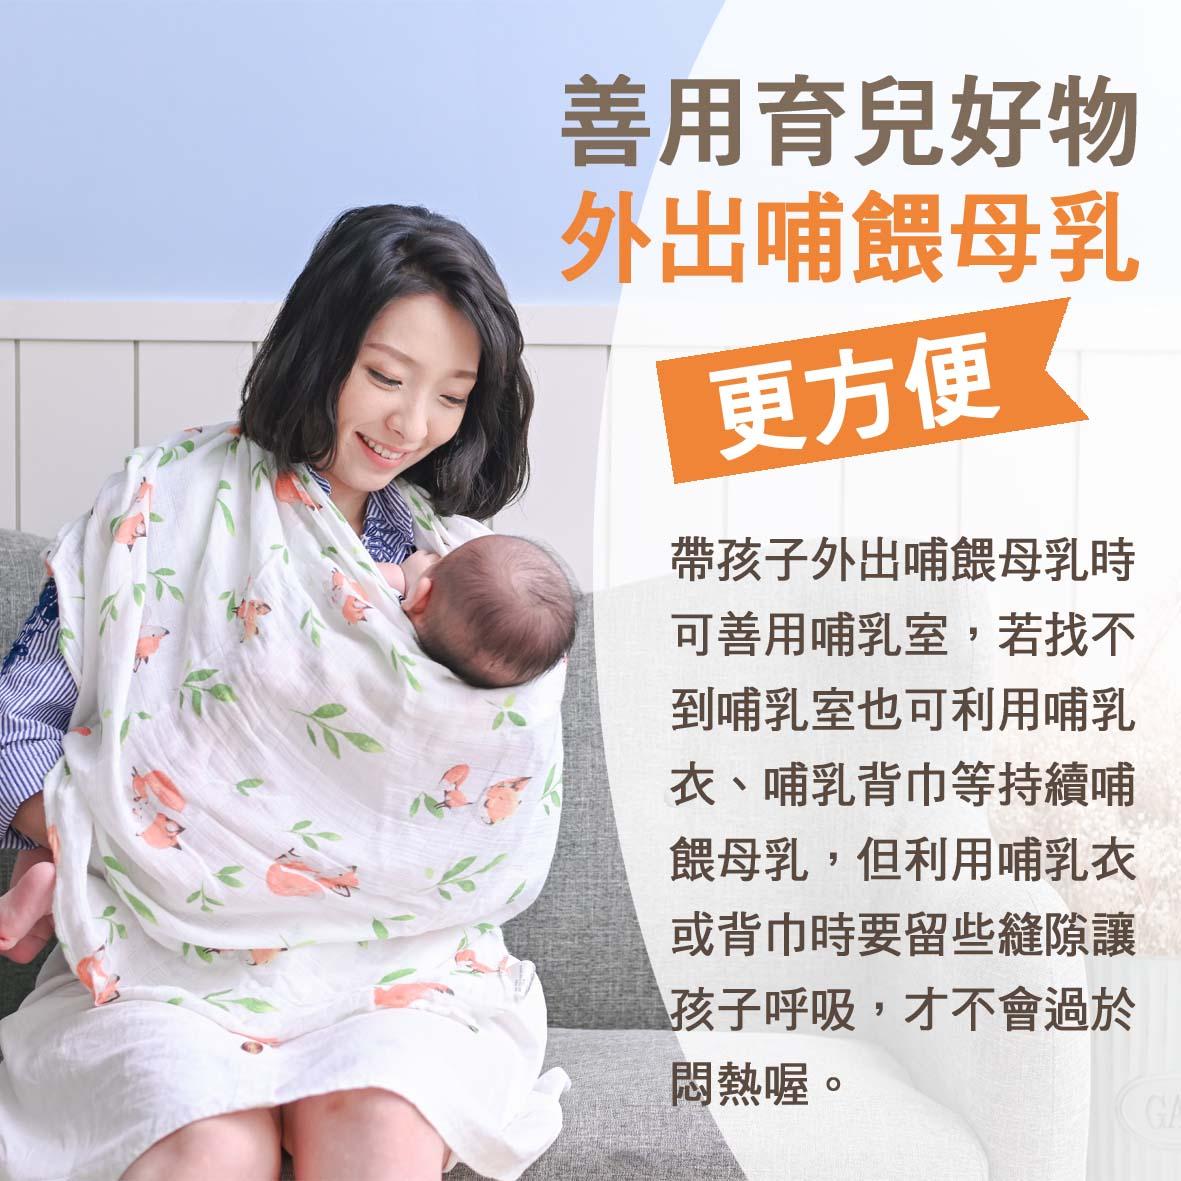 寶寶篇第13週--善用育兒好物 外出哺餵母乳更方便